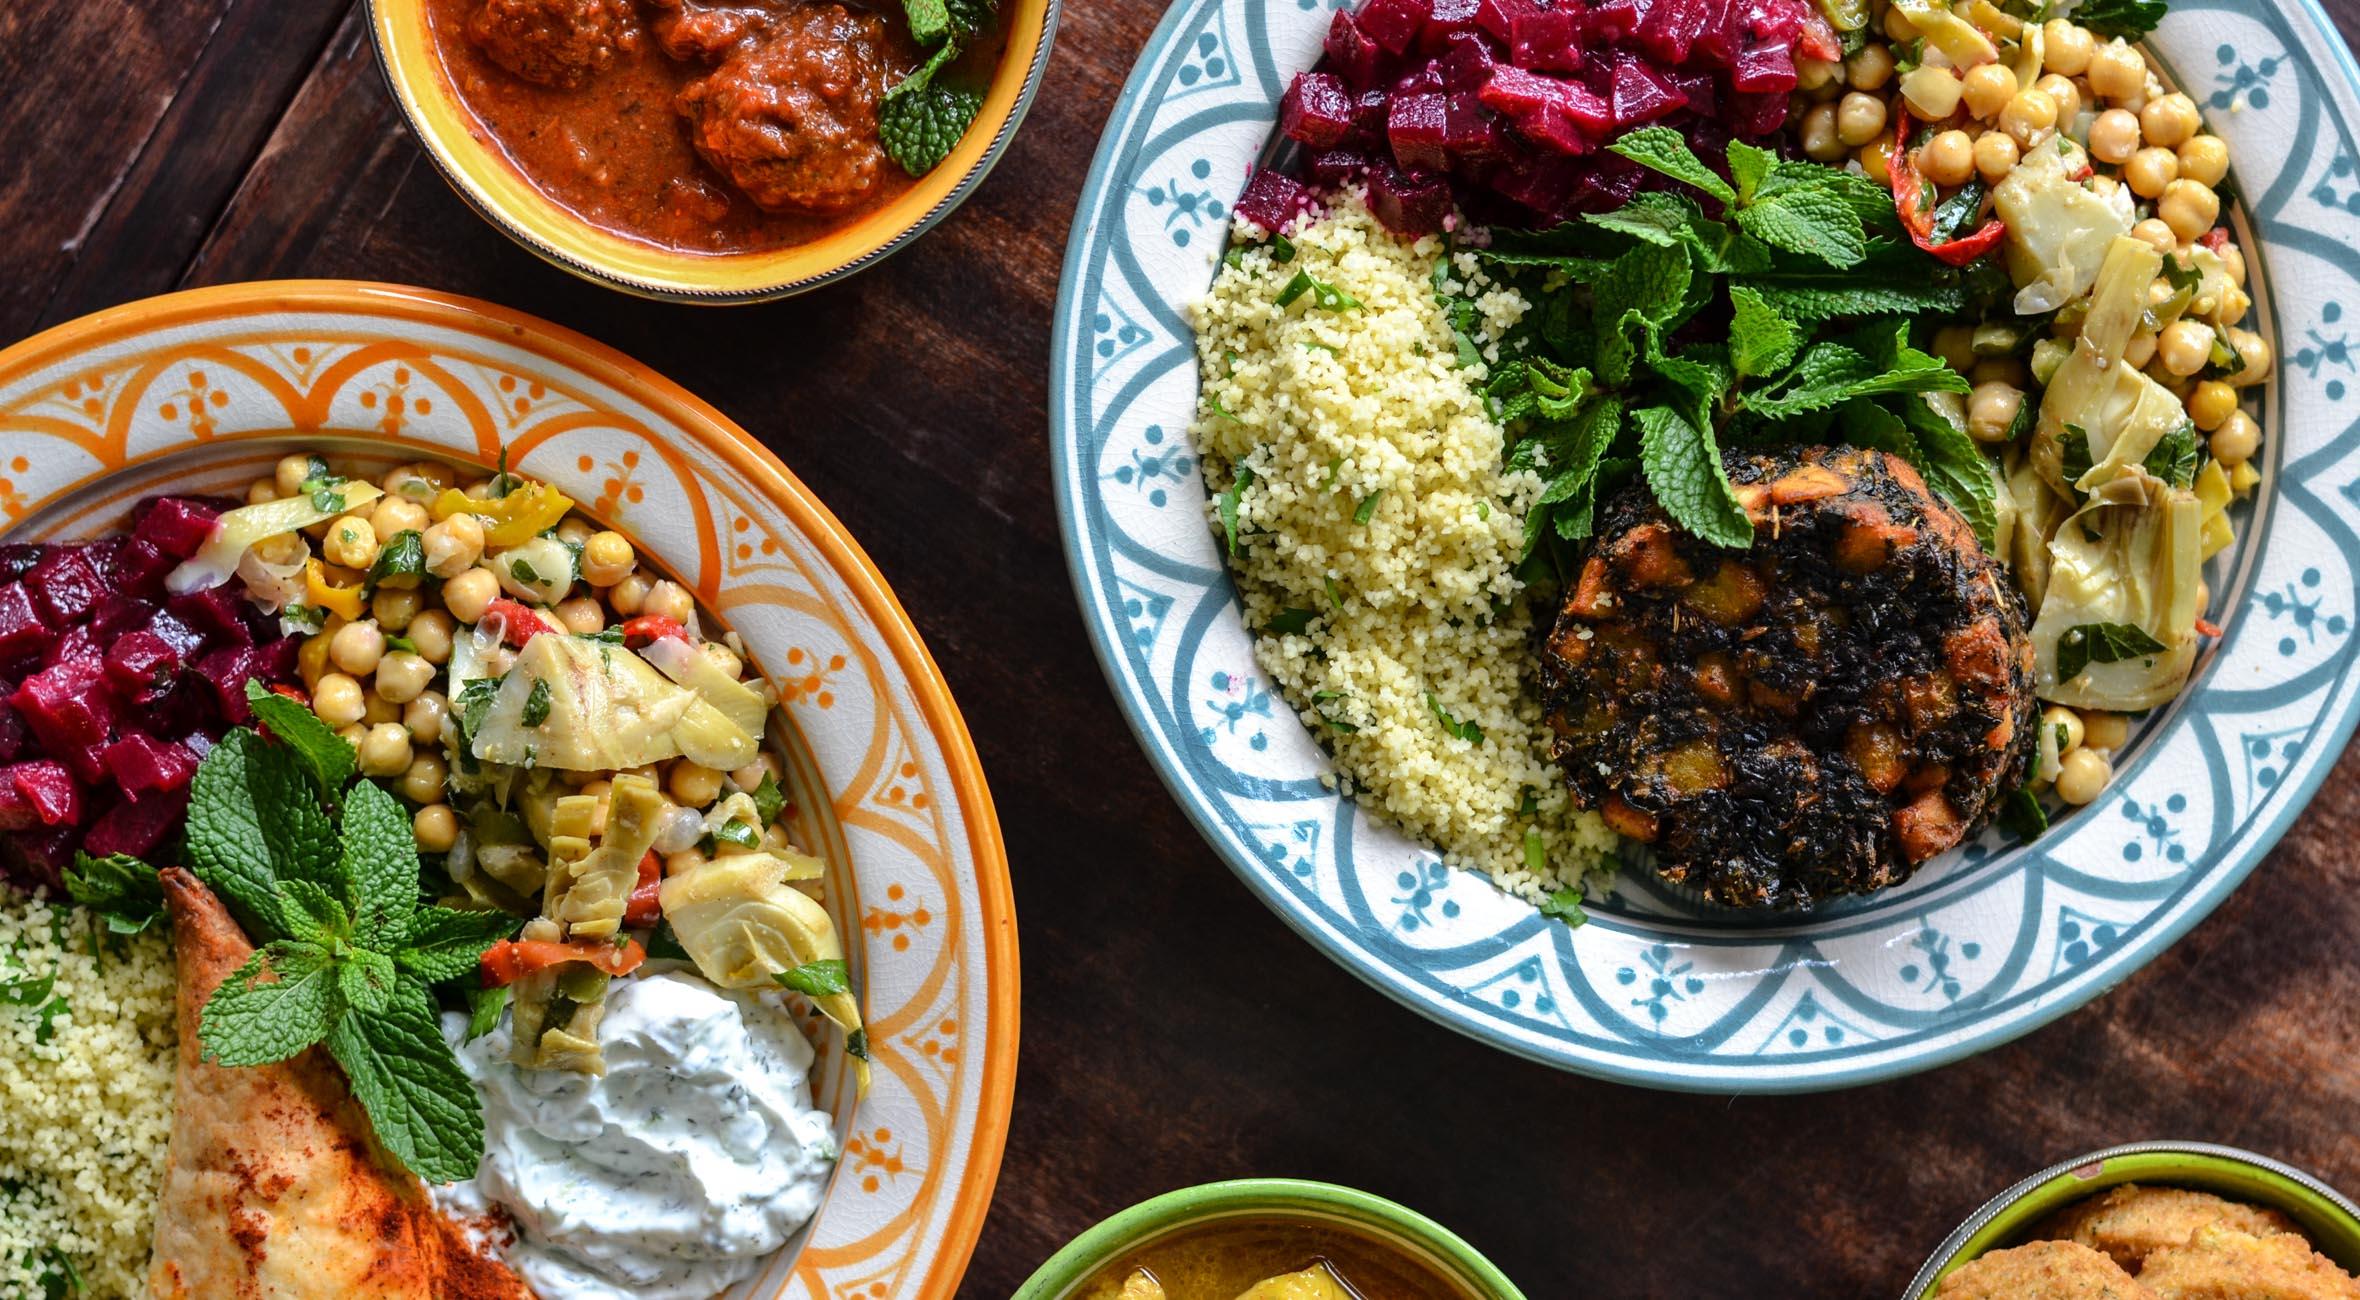 Marokkansk middag for 2 personer hos The á la Menthe – Hip marokkansk the-salon & spiseri byder på vilde madspecialiteter